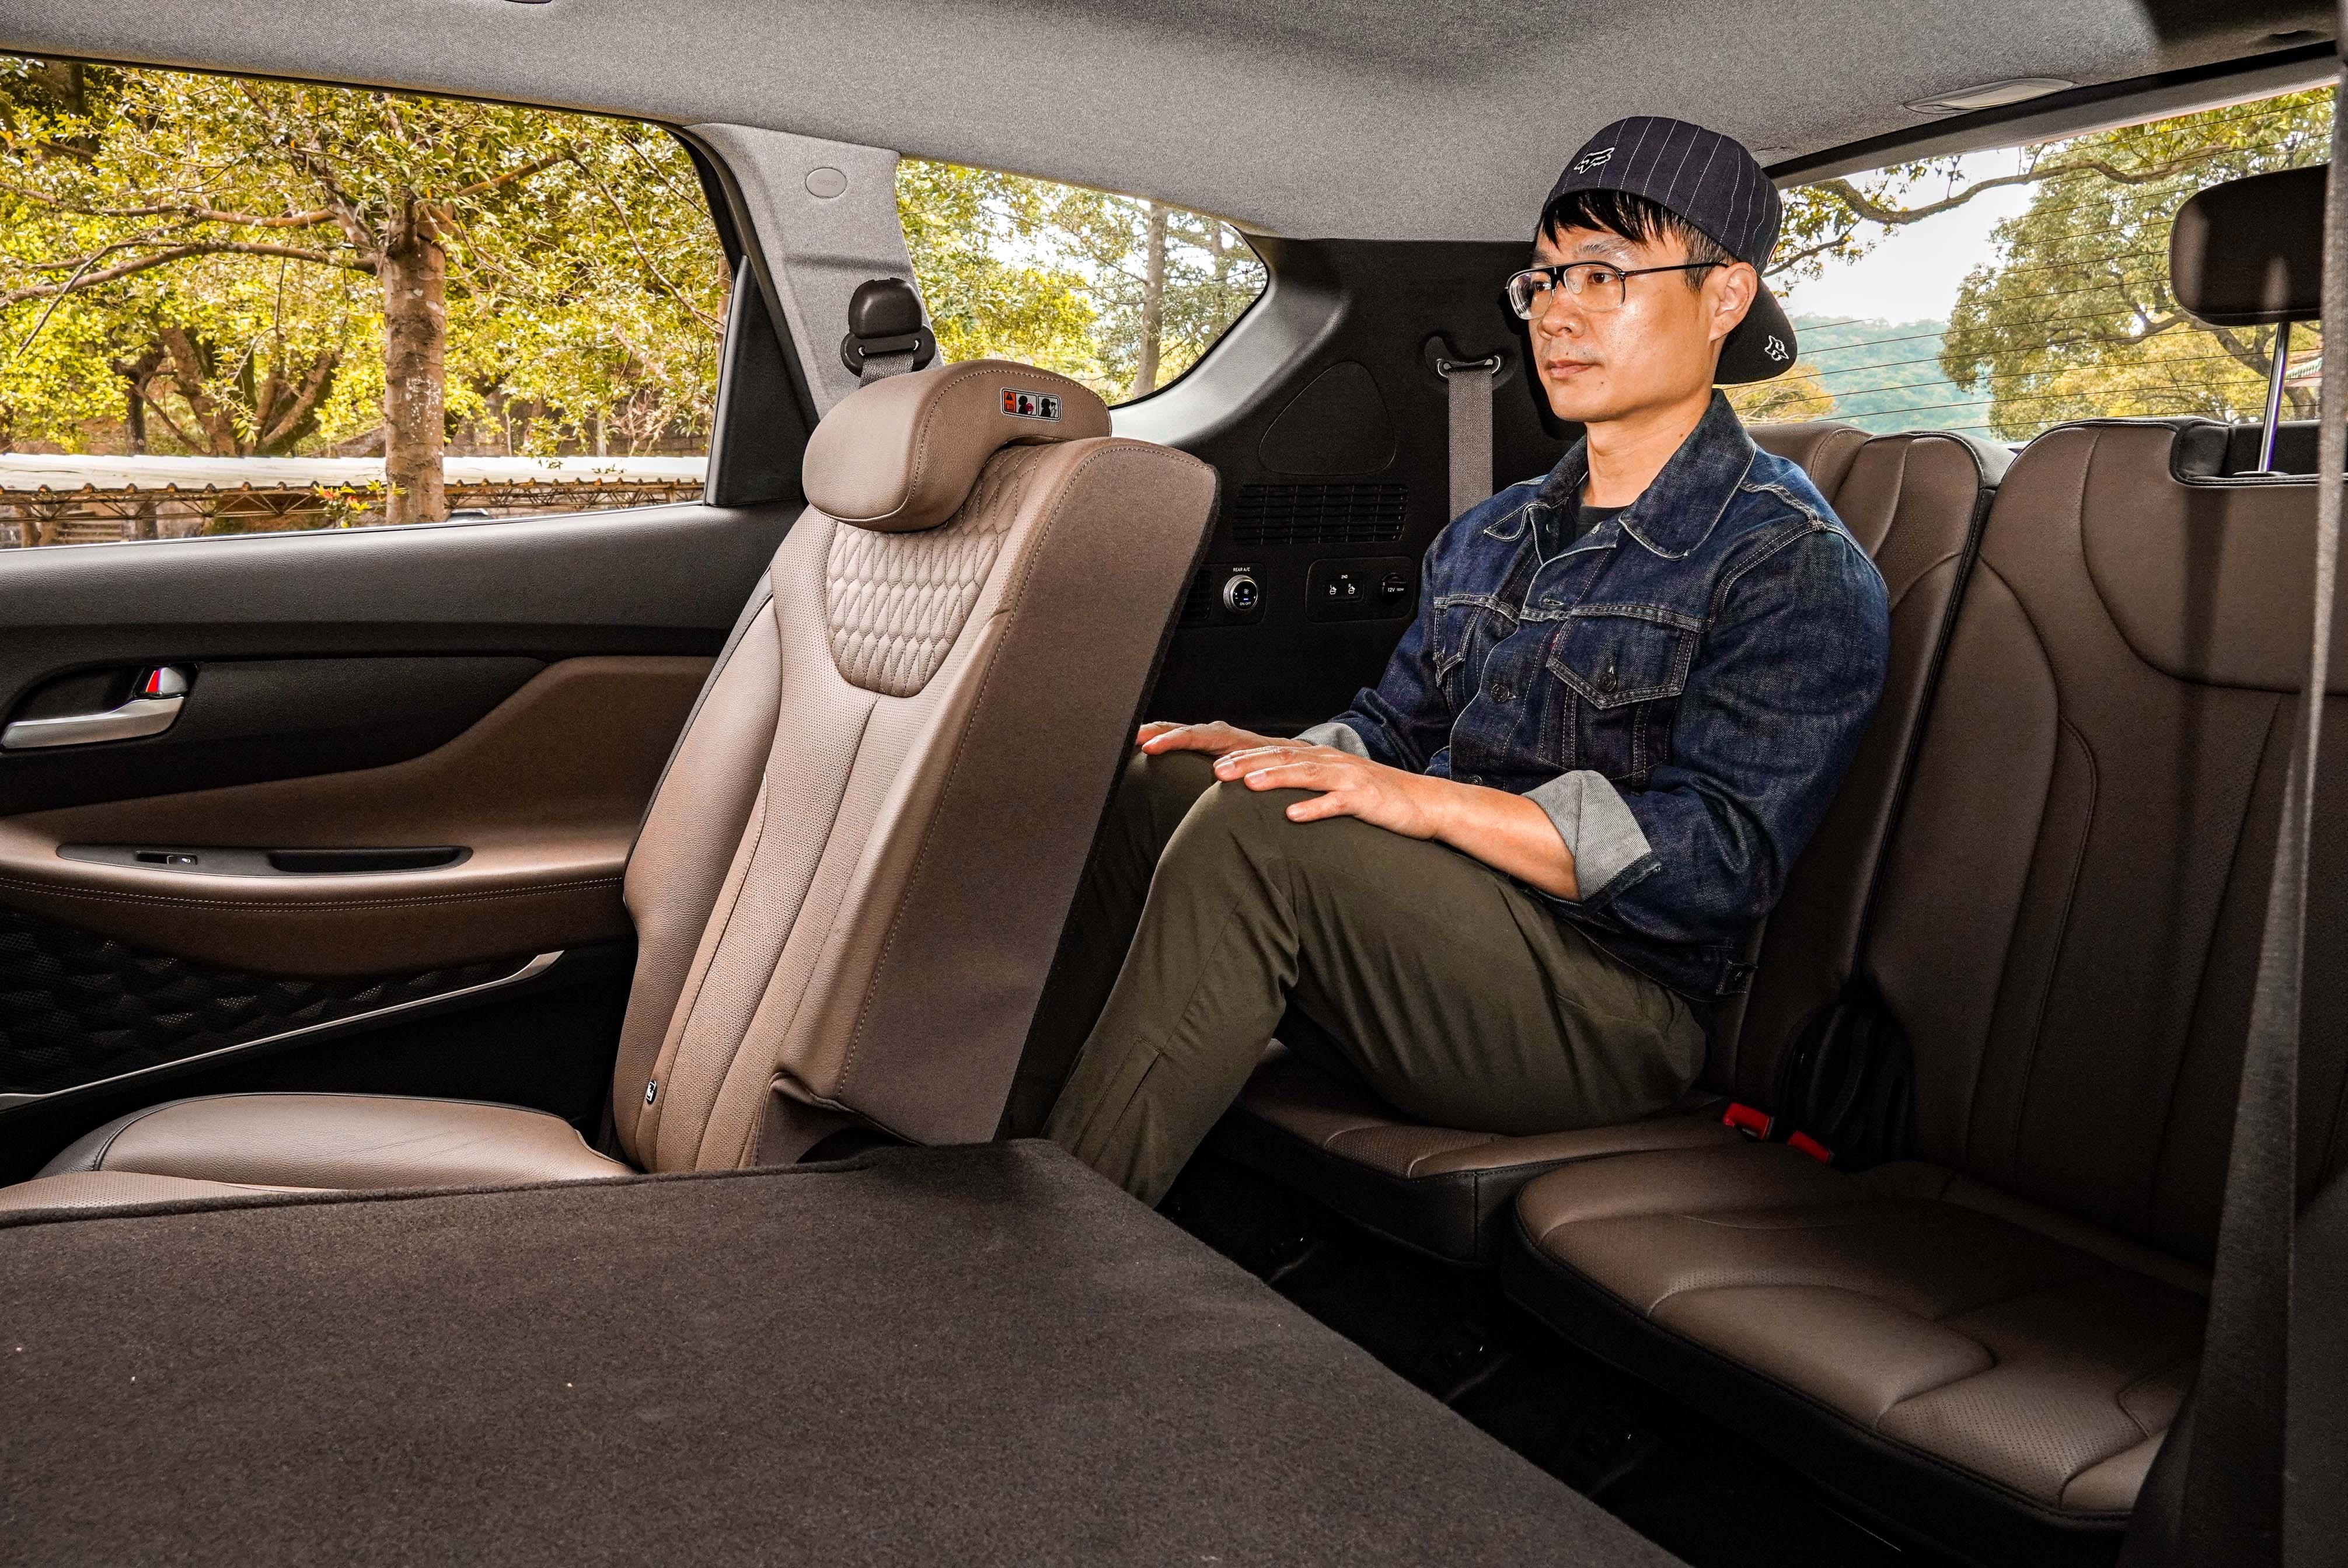 身高170 cm 的成人坐進第三排,頭部空間充裕,但膝部支撐不足;較適合短途旅行。